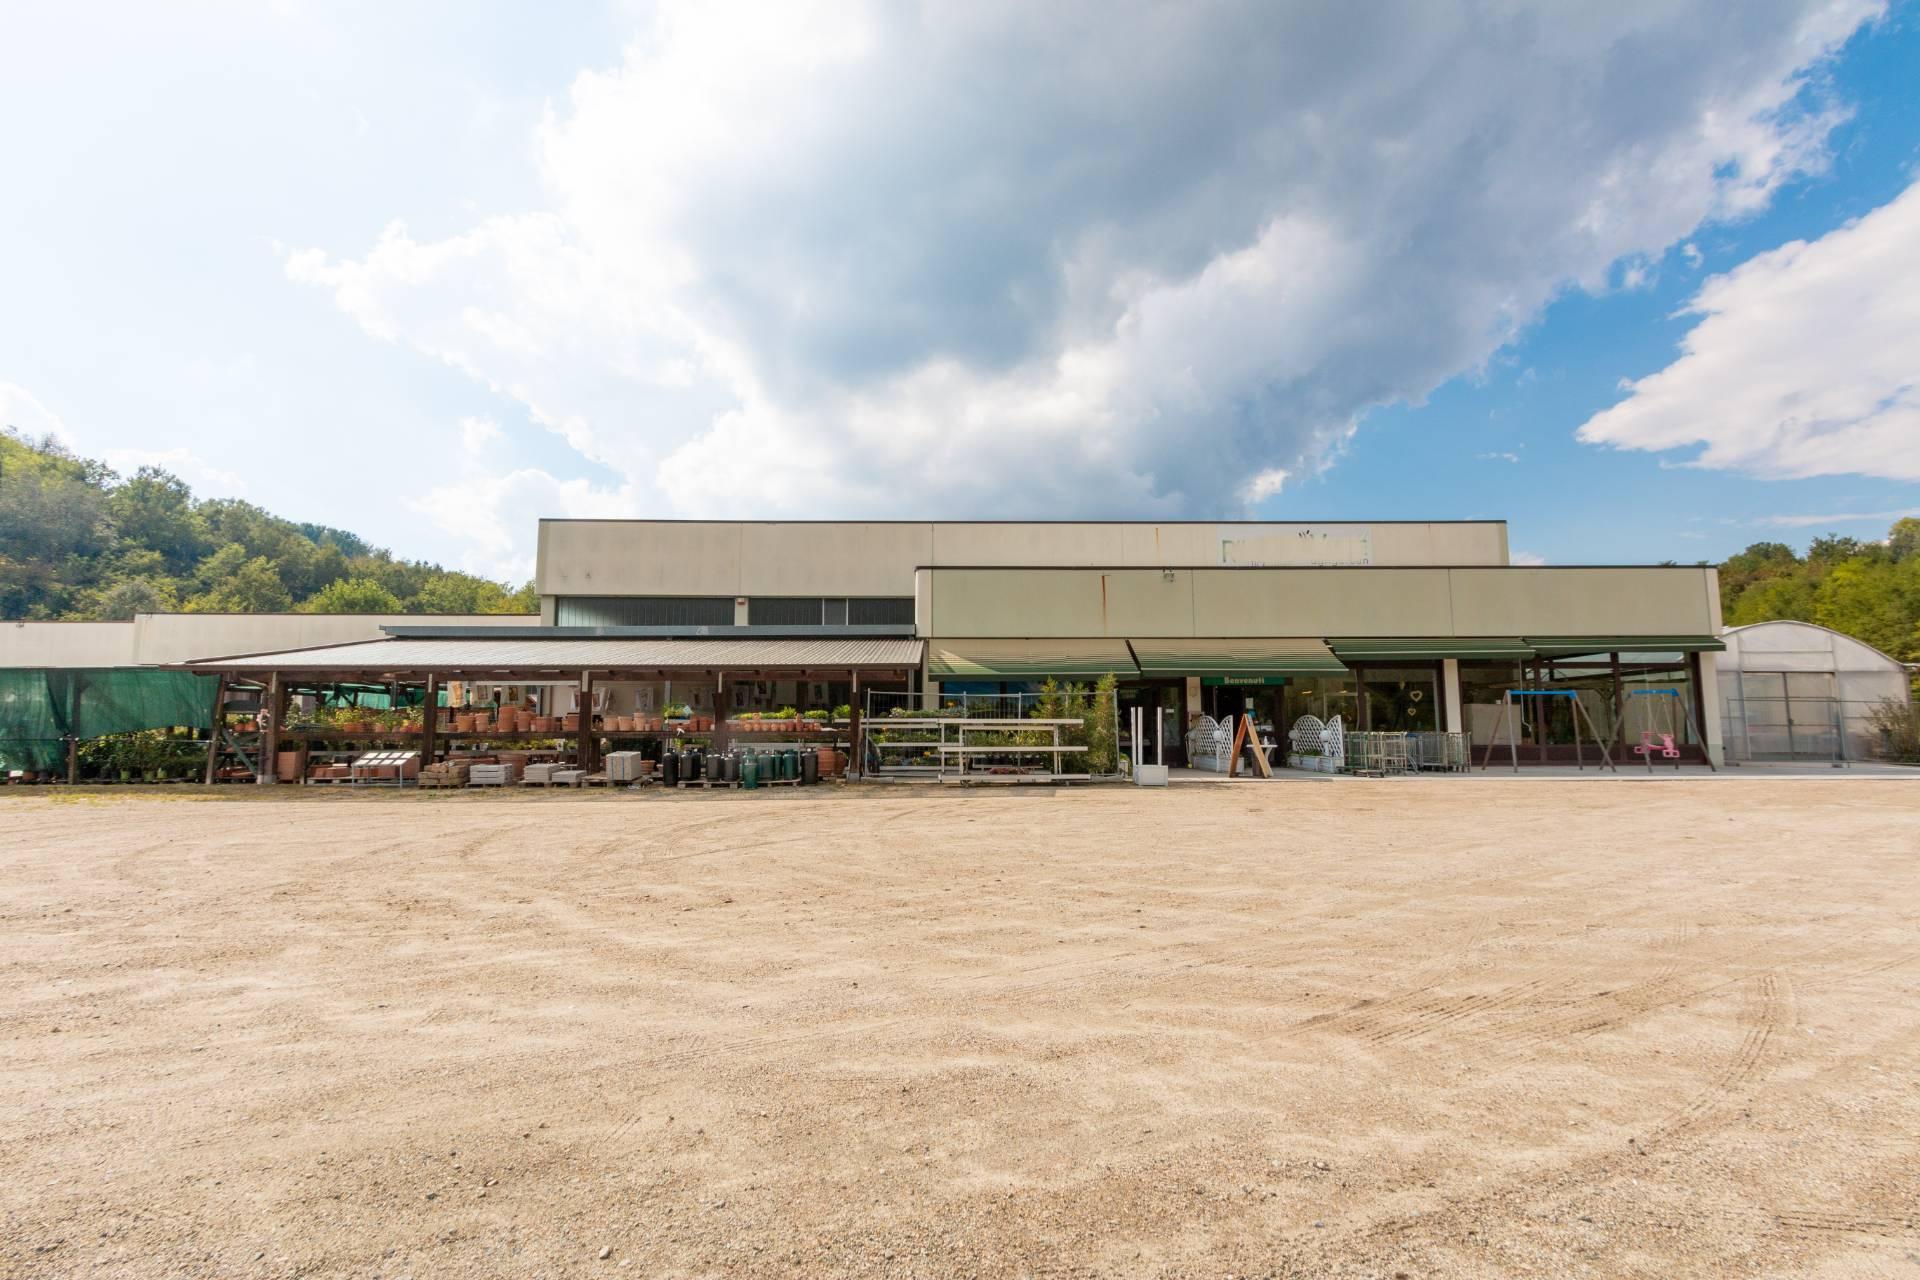 Negozio / Locale in vendita a Chiusano d'Asti, 9999 locali, prezzo € 395.000 | CambioCasa.it